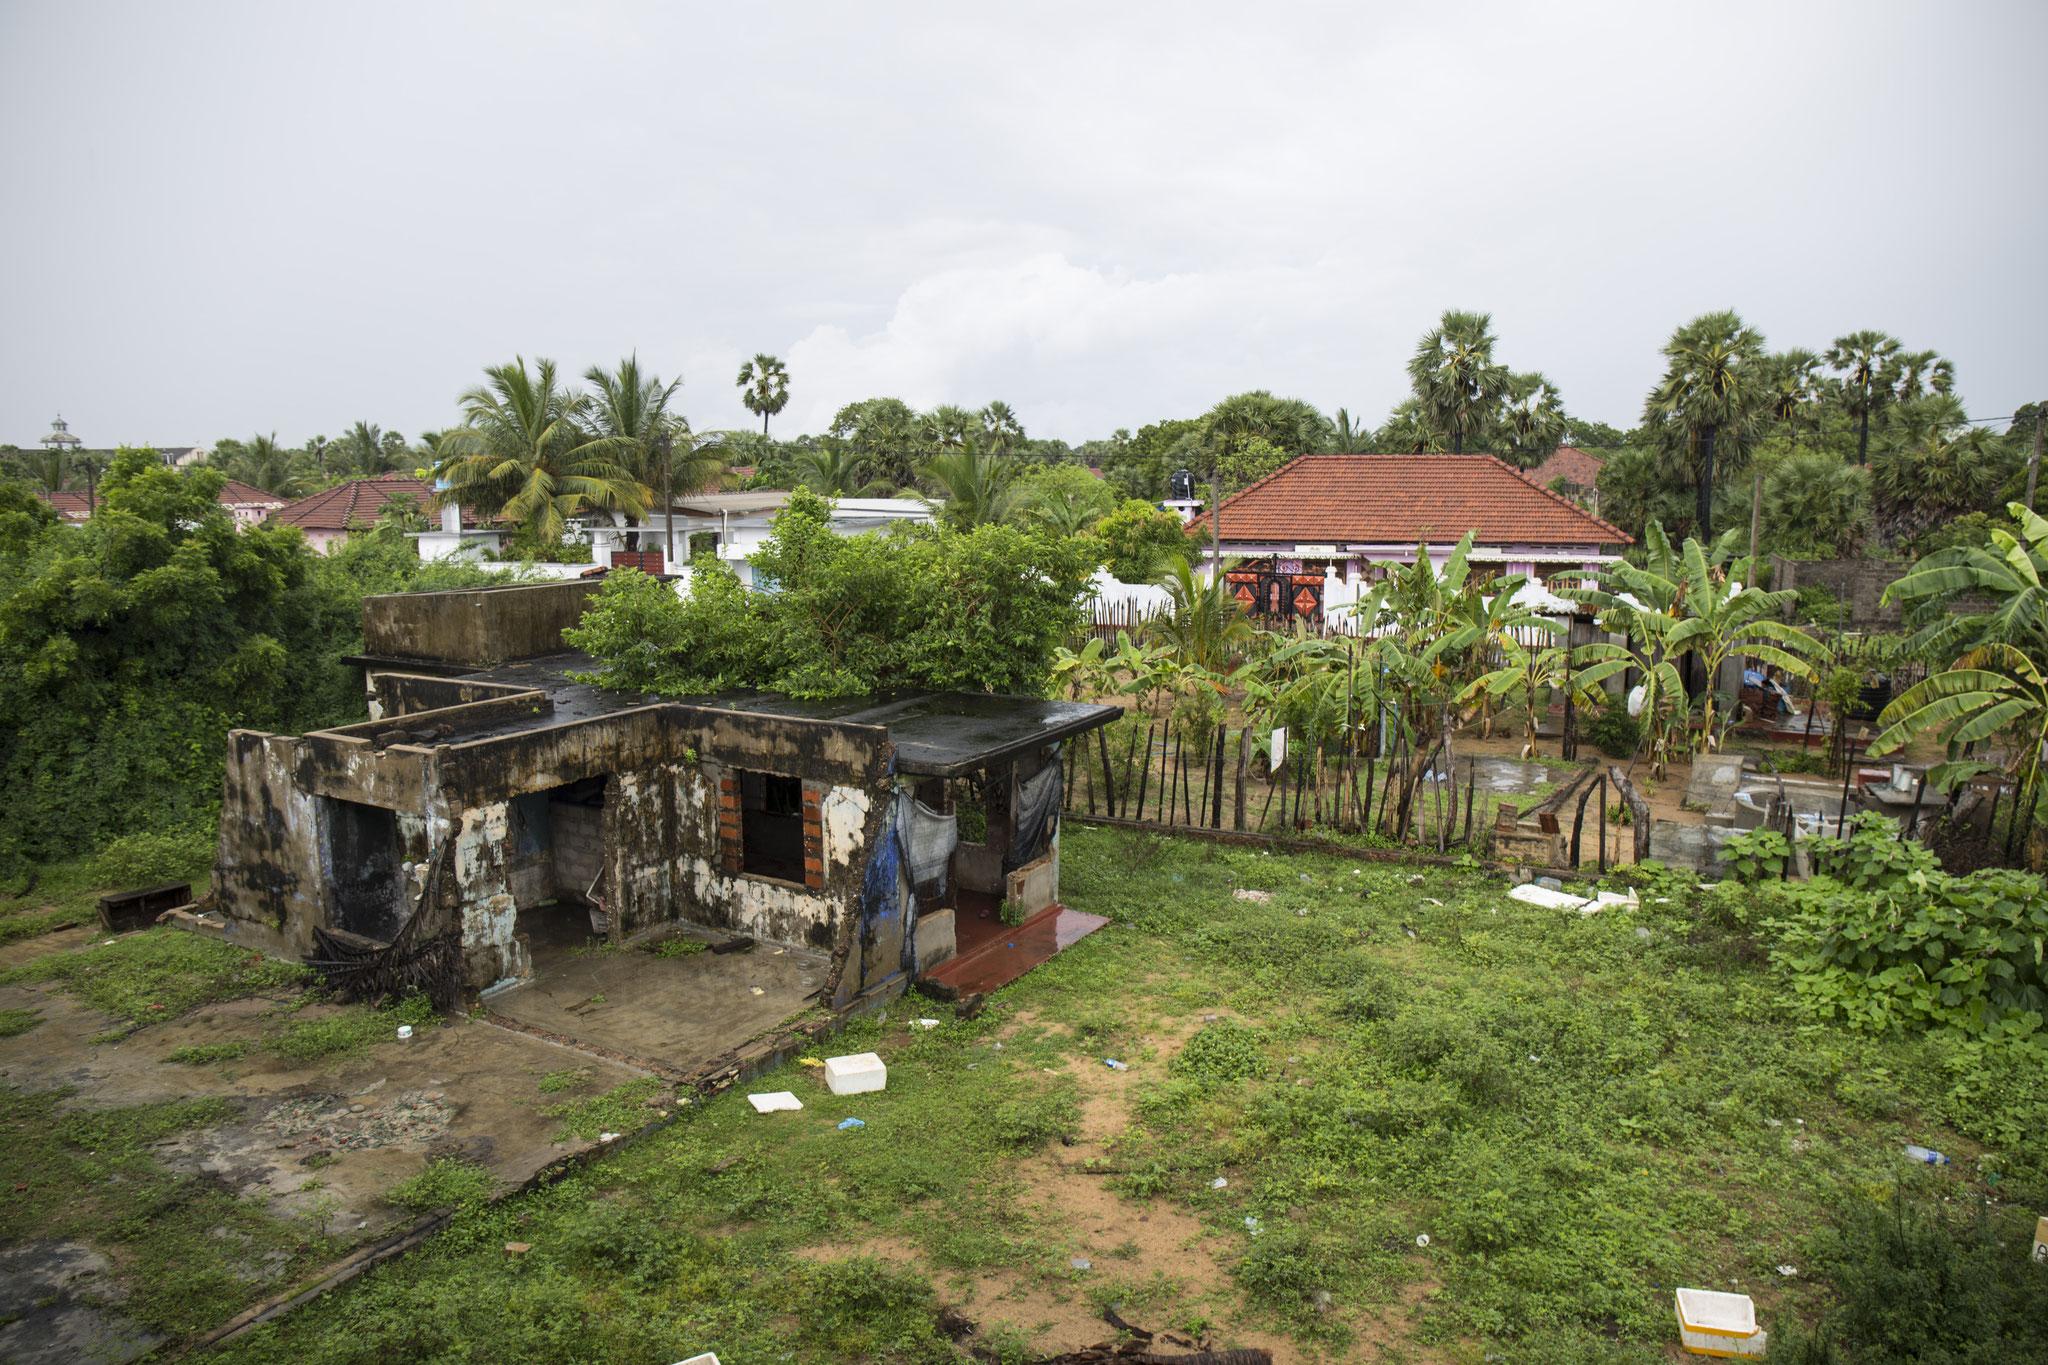 Der Blick aus dem Gasthaus »White House« von Amma zeigt eine ausgebrannte Ruine. Mullaitivu, 2018